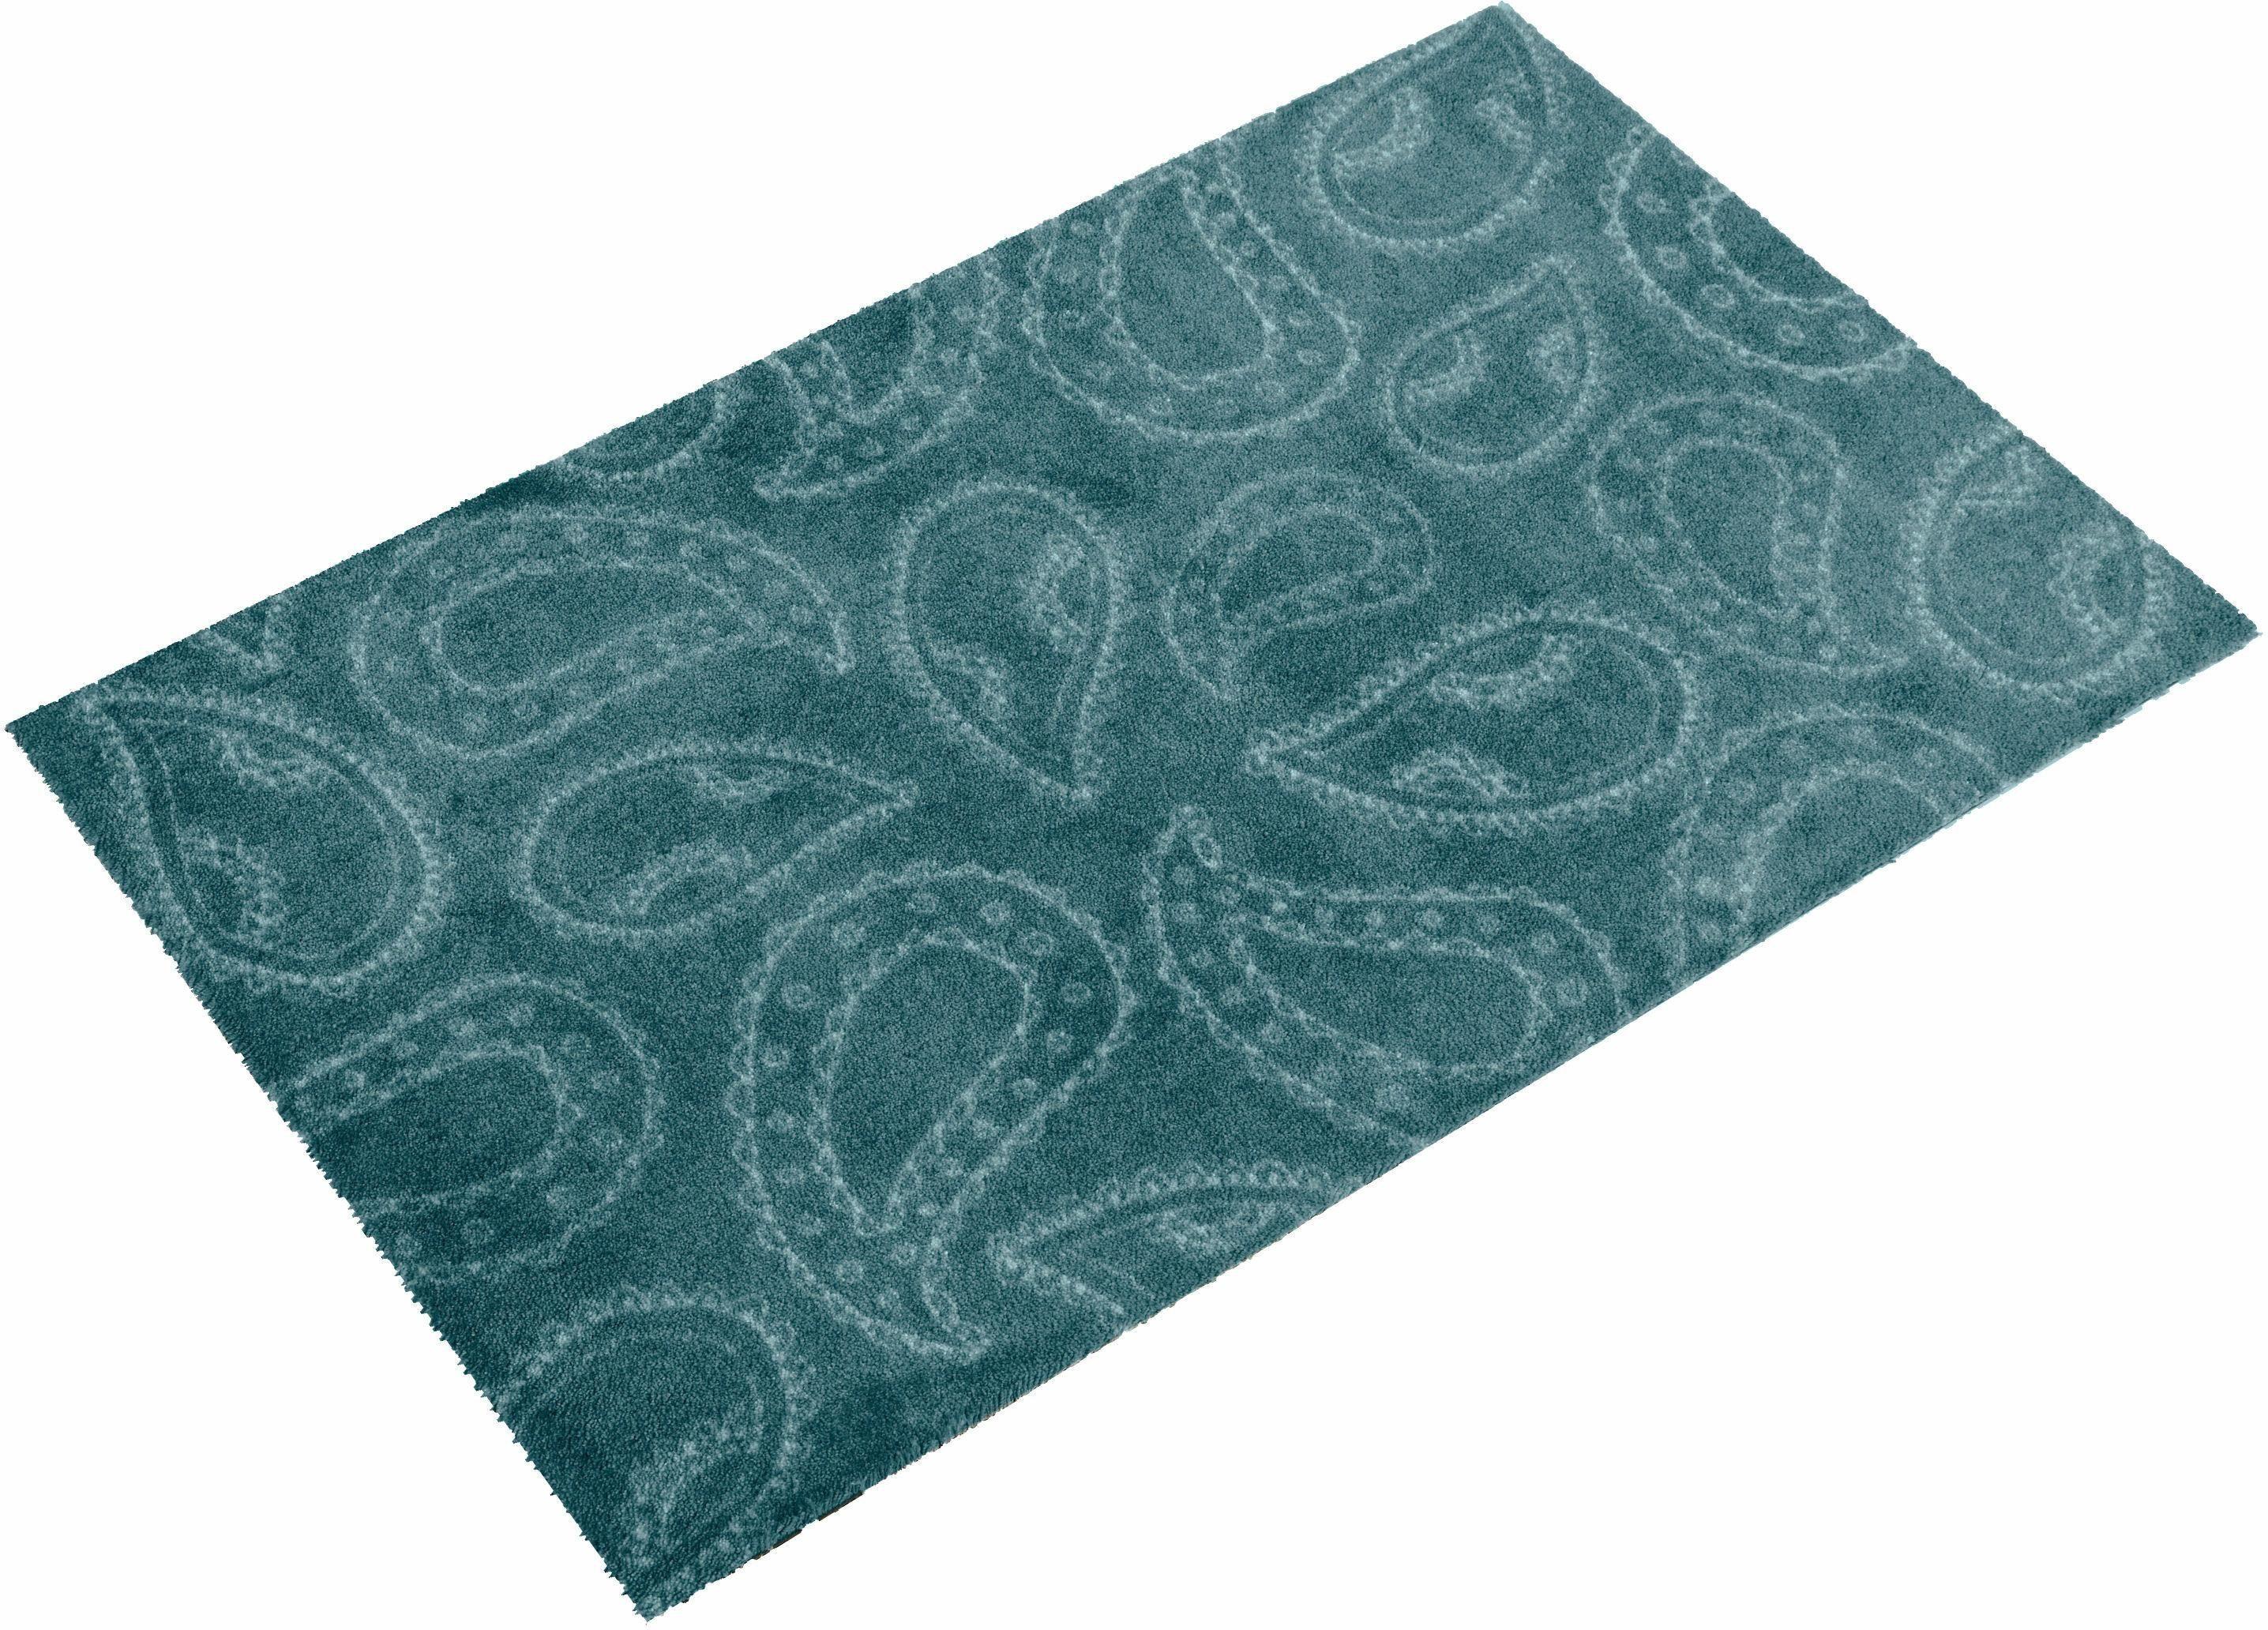 Teppich »Saskia«, Mad about Mats, rechteckig, Höhe 9 mm, In- und Outdoor geeignet, waschbar